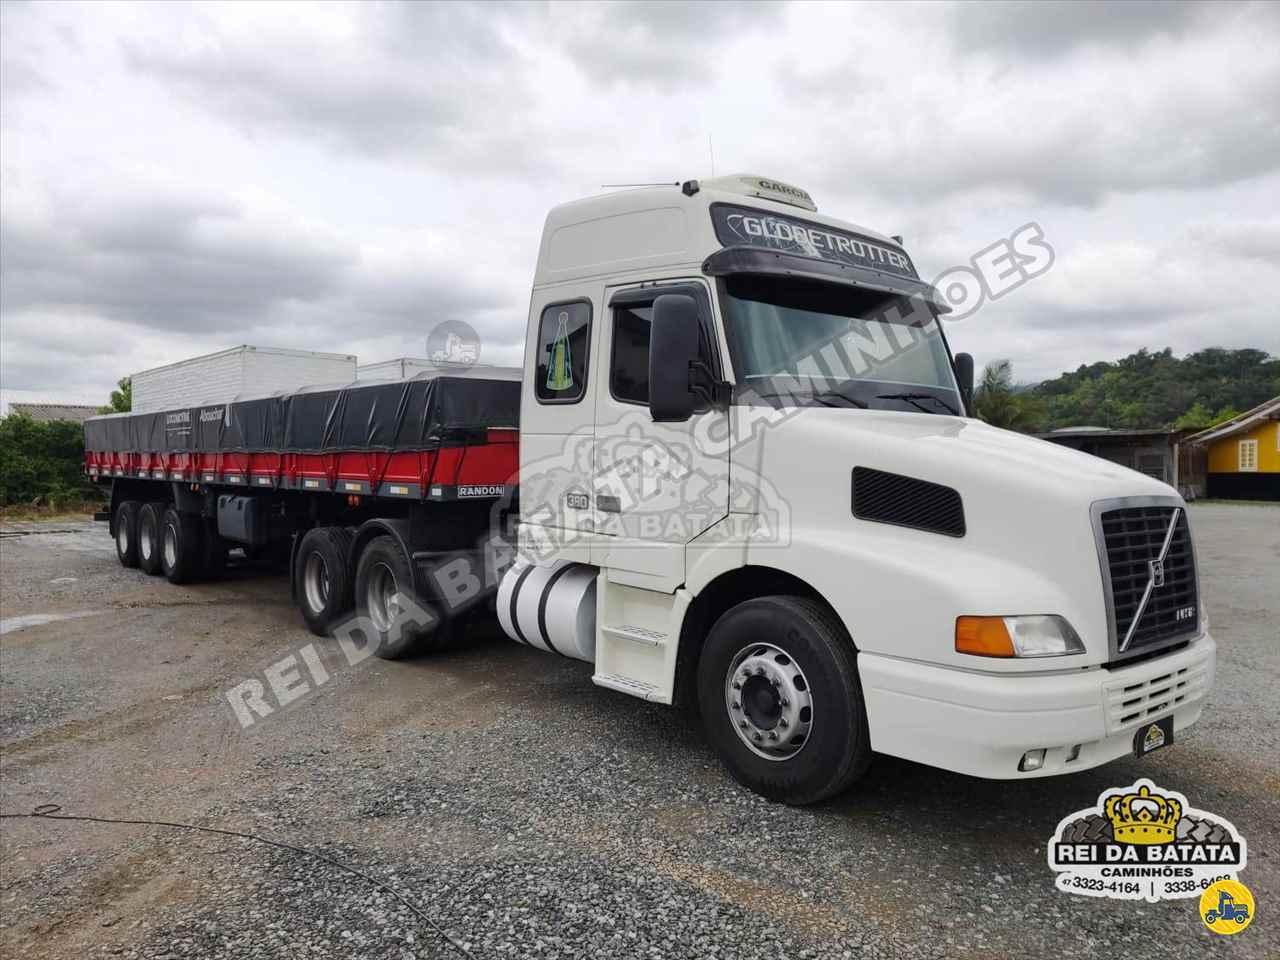 CAMINHAO VOLVO VOLVO NH12 380 Carga Seca Truck 6x2 Rei da Batata Caminhões BLUMENAU SANTA CATARINA SC